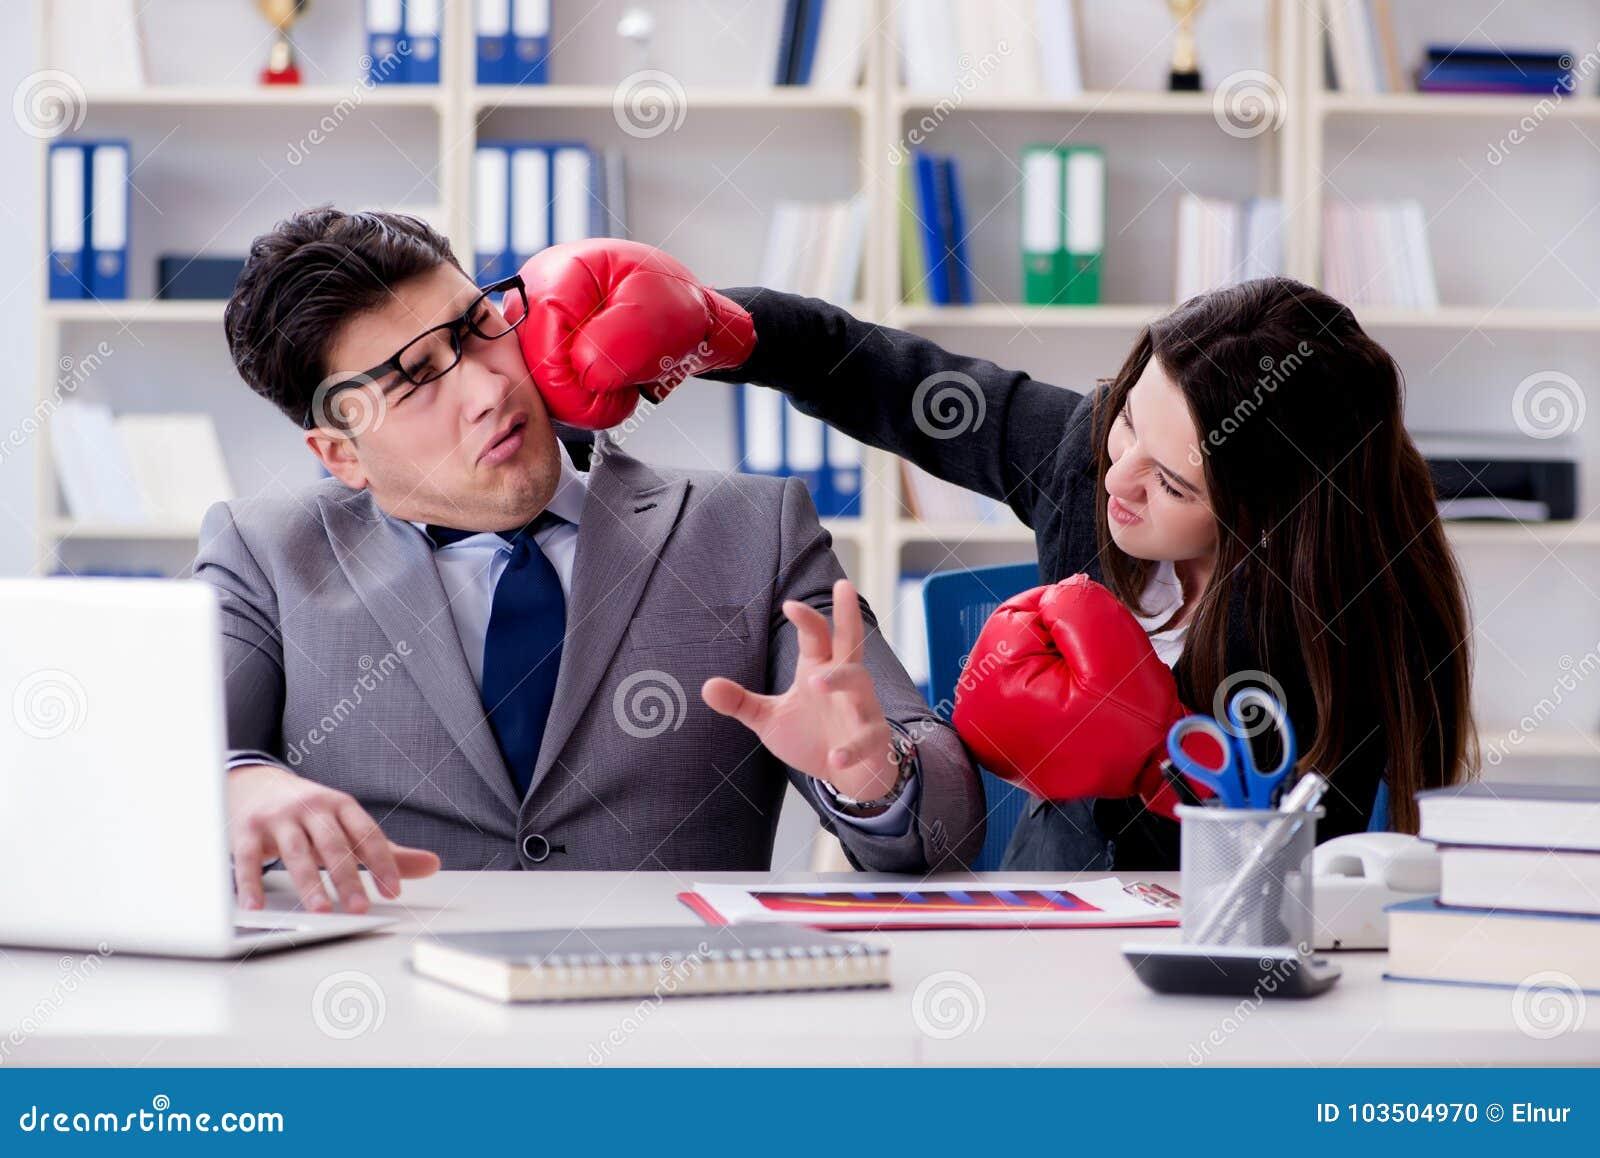 El conflicto de la oficina entre el hombre y la mujer